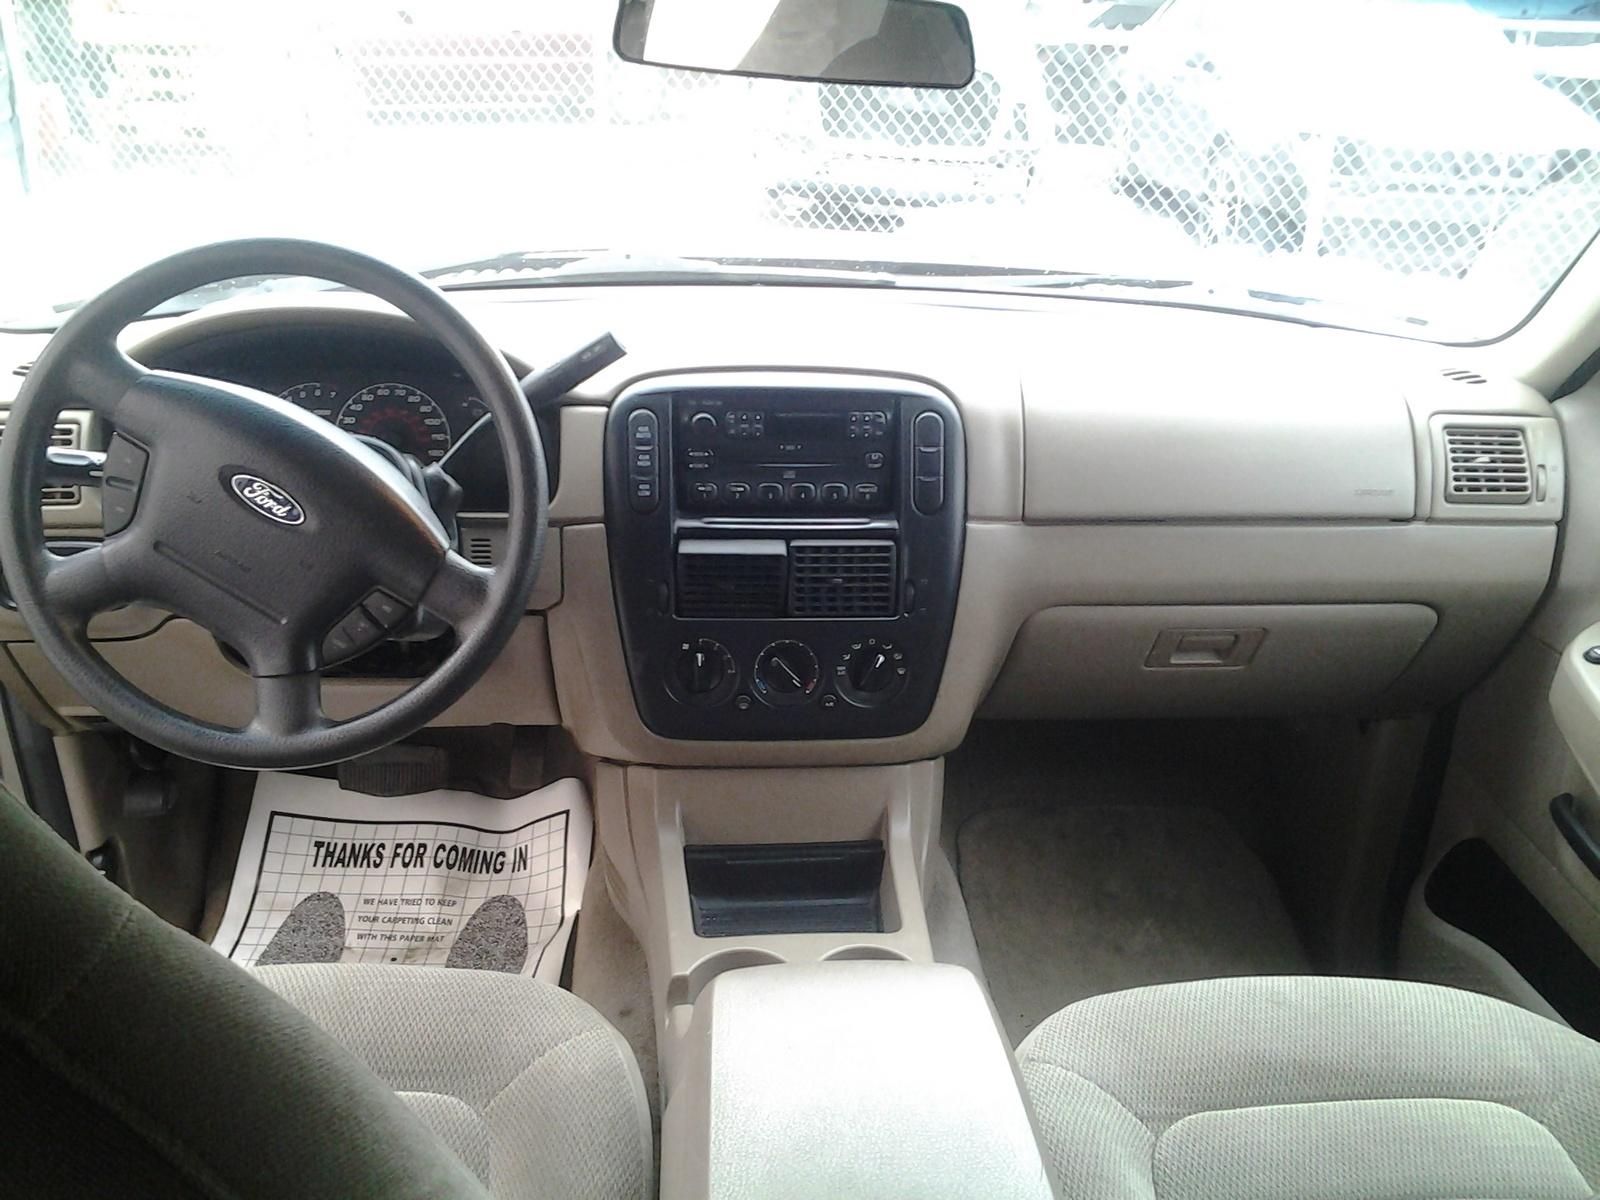 2002 Ford Explorer Pictures Cargurus